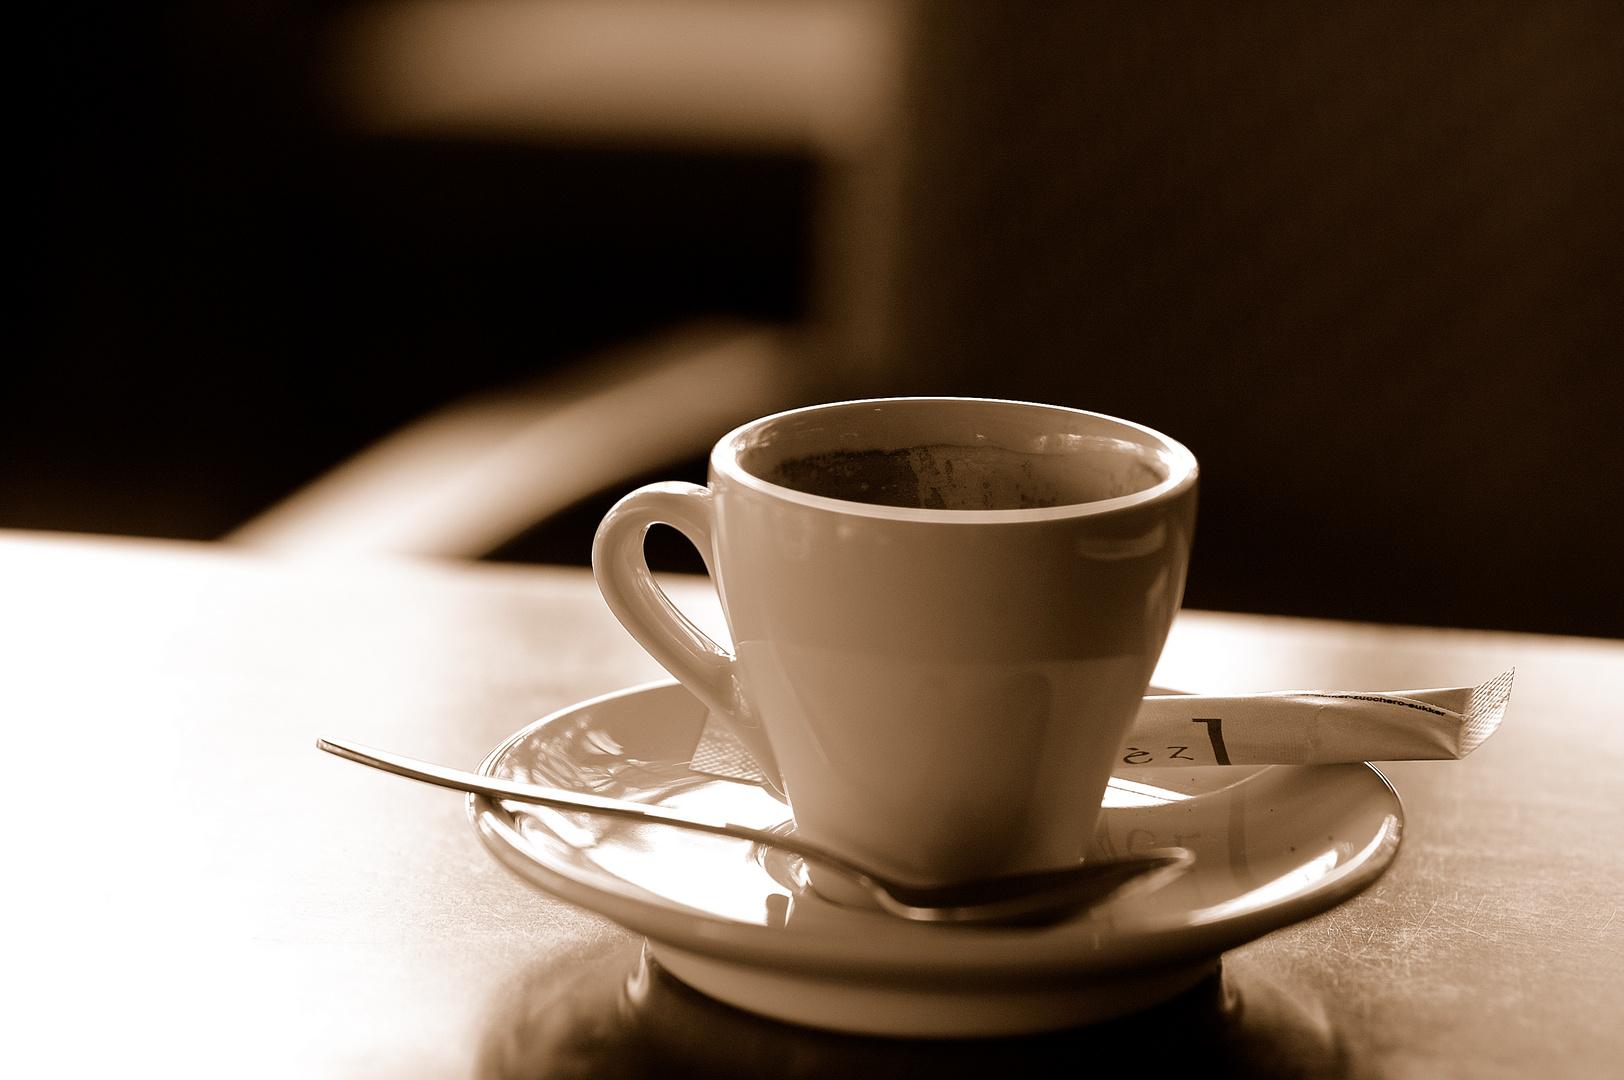 coffee break in paris foto bild stillleben essen trinken tee und kaffee bilder auf. Black Bedroom Furniture Sets. Home Design Ideas